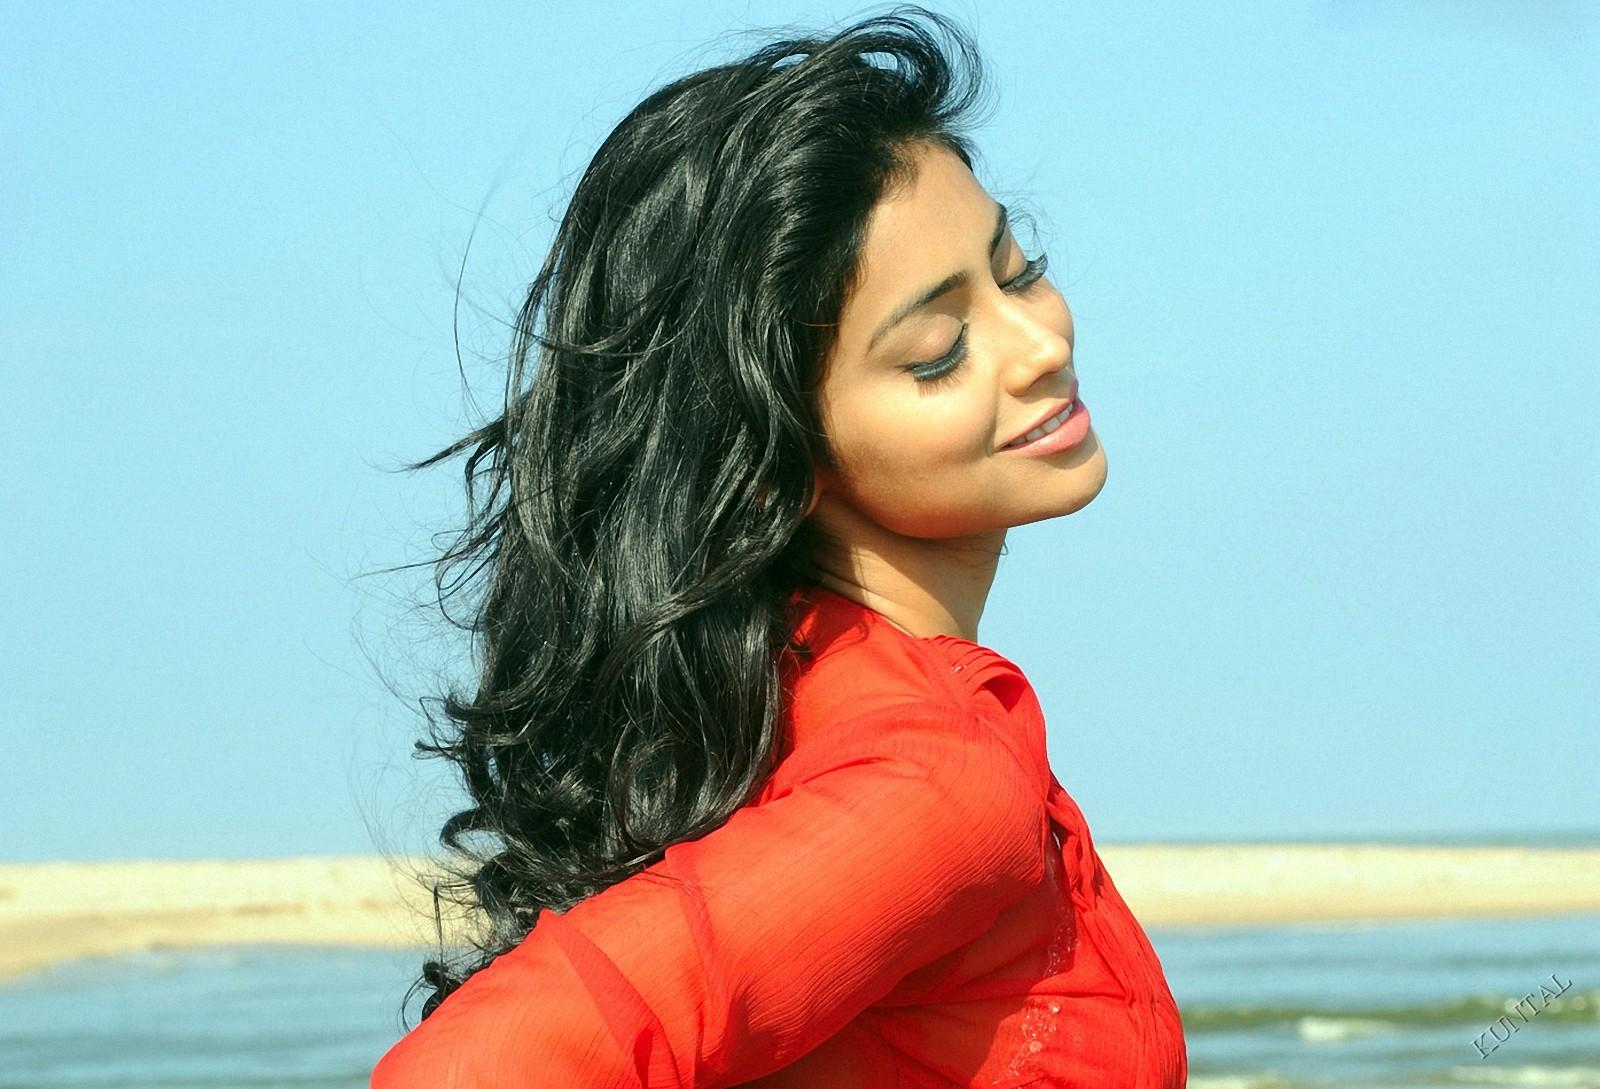 Shraya Sarans Sisey Hd Face Images: Shriya Saran Beautiful Wallpapers....